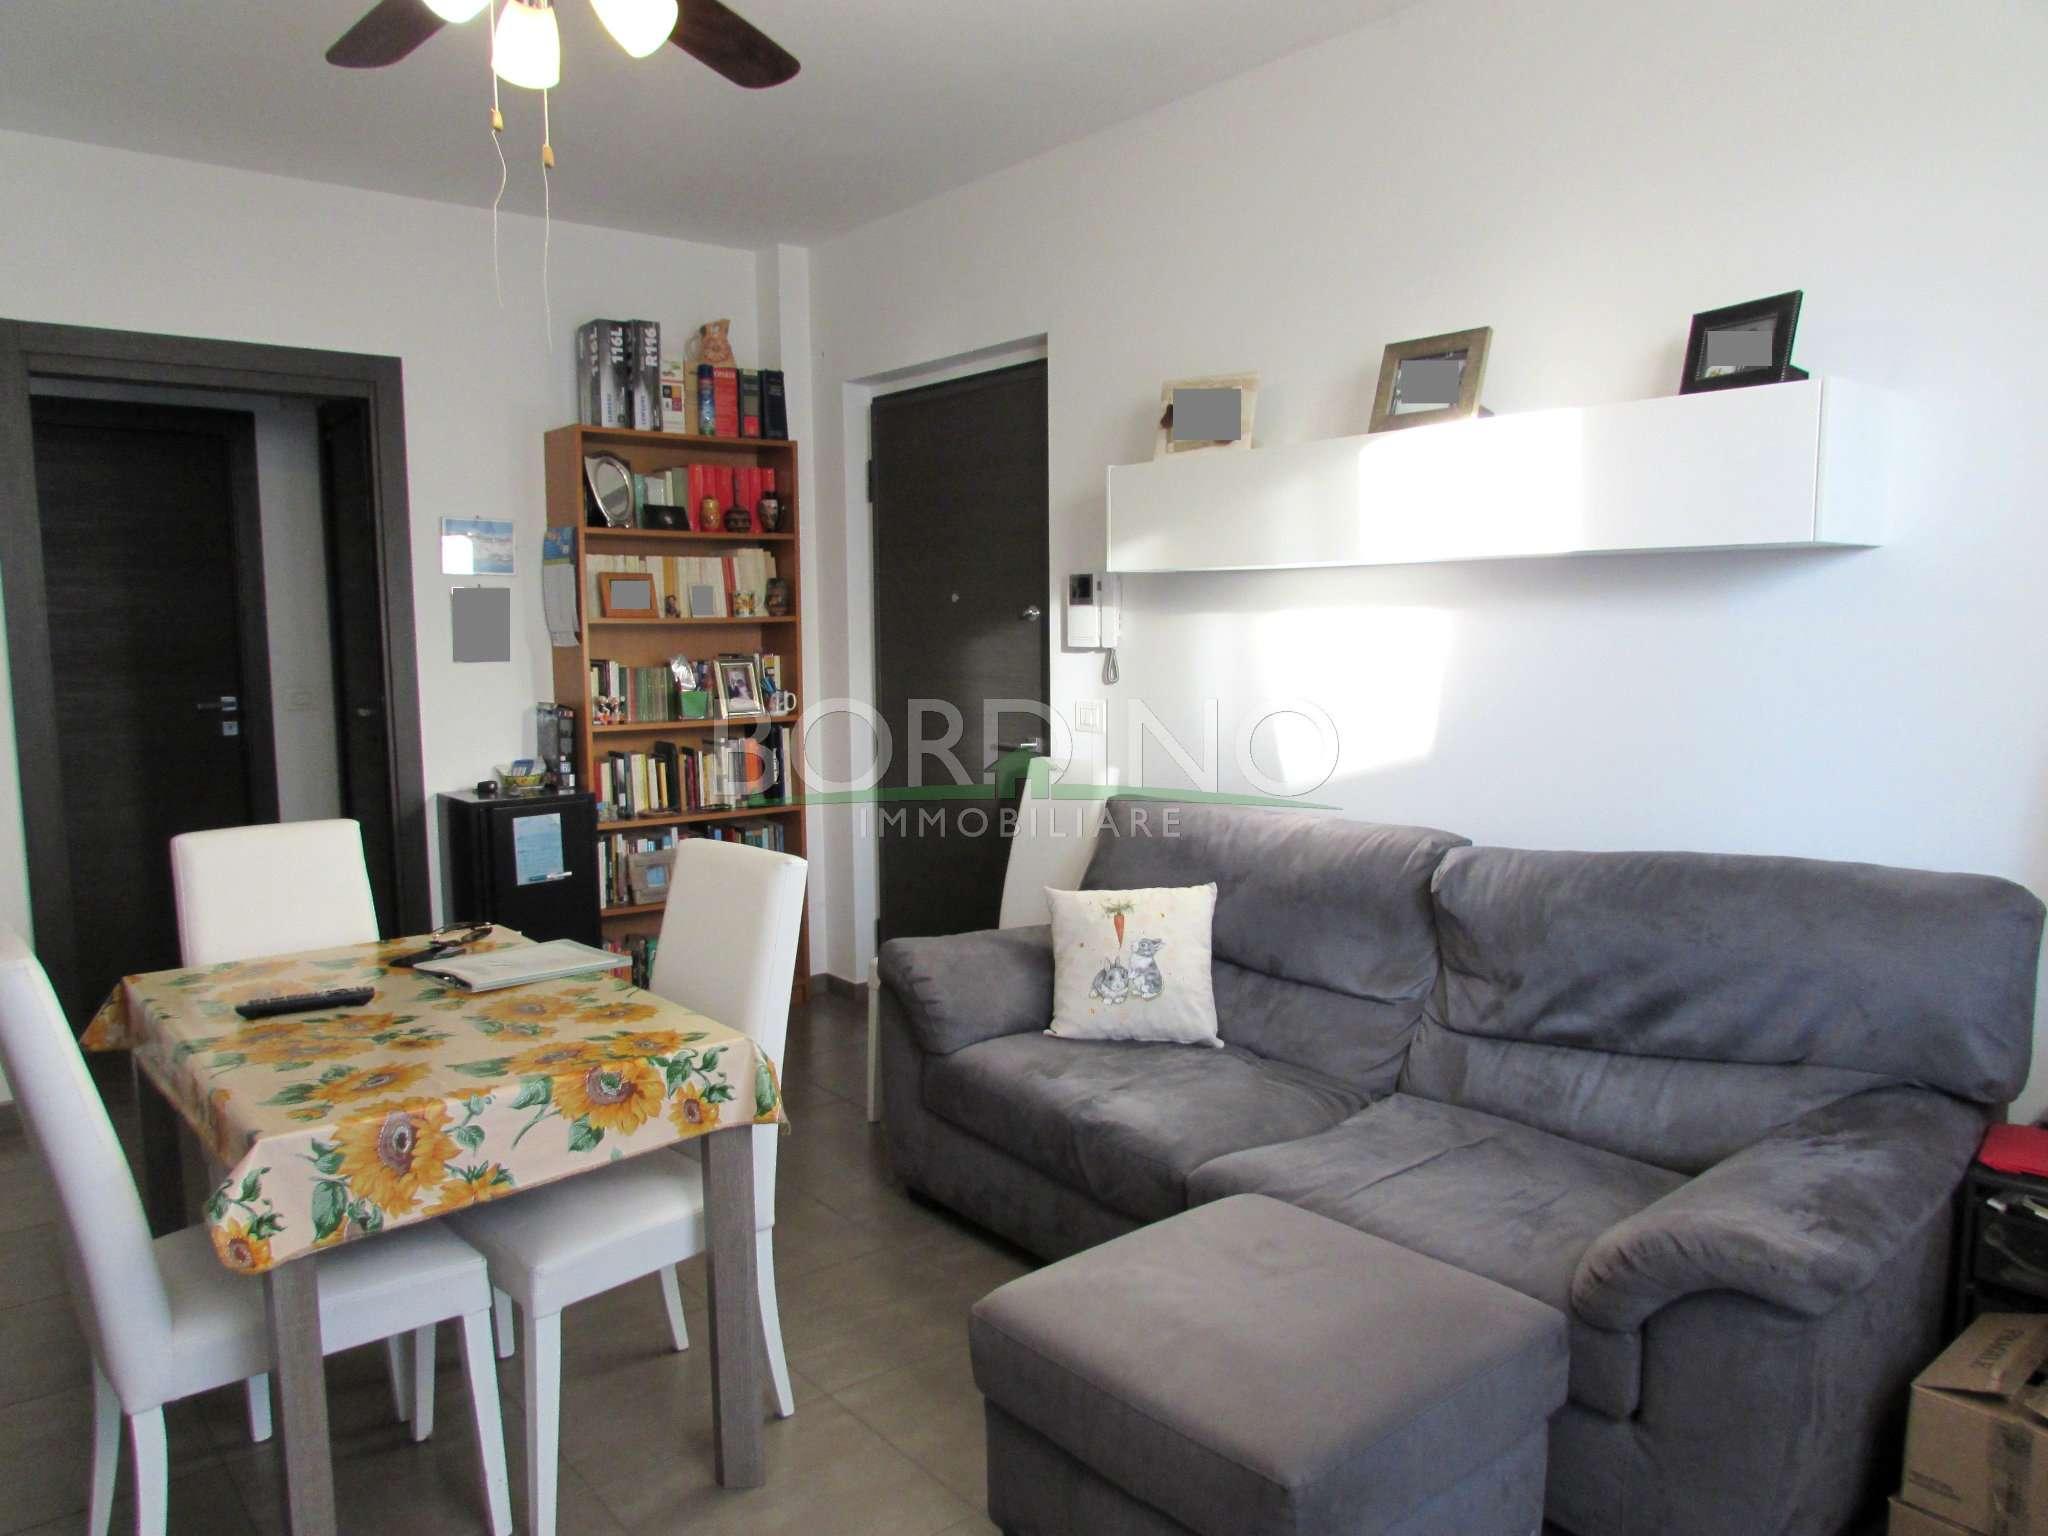 Appartamento in vendita a Magliano Alfieri, 3 locali, prezzo € 125.000 | CambioCasa.it